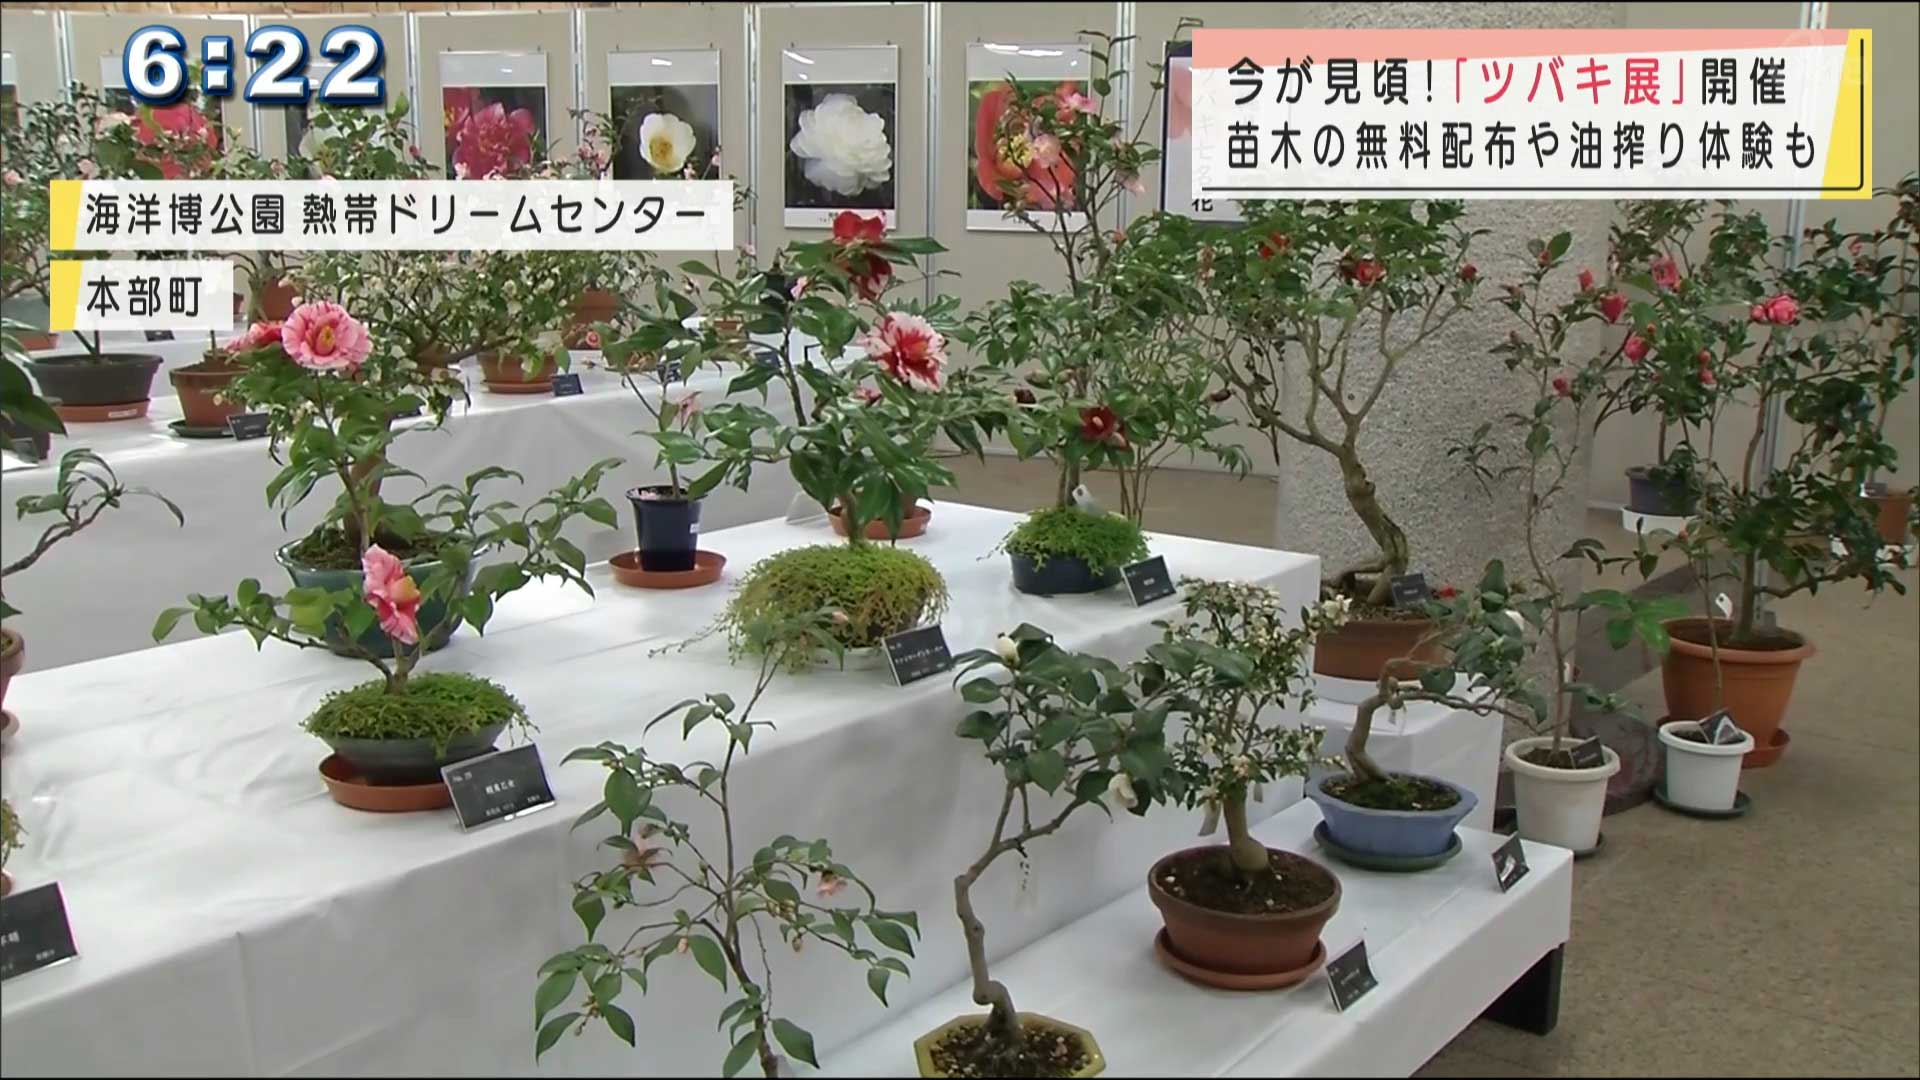 「ツバキ展示」が海洋博公園で開催